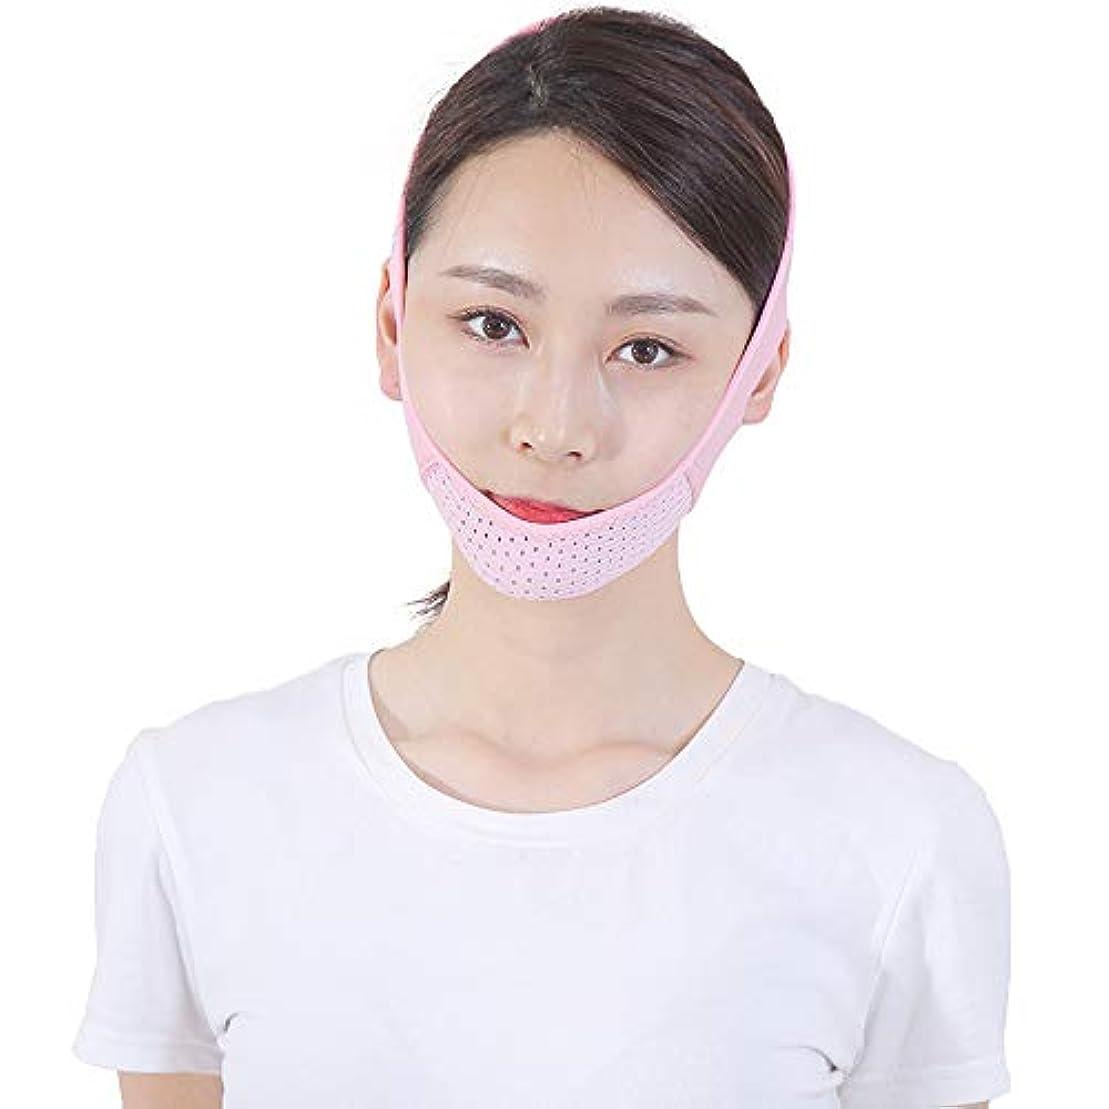 追う読みやすい市場Minmin フェイシャルリフティング痩身ベルトフェイススリムゲットダブルチンアンチエイジングリンクルフェイスバンデージマスクシェイピングマスク顔を引き締めるダブルチンワークアウト みんみんVラインフェイスマスク